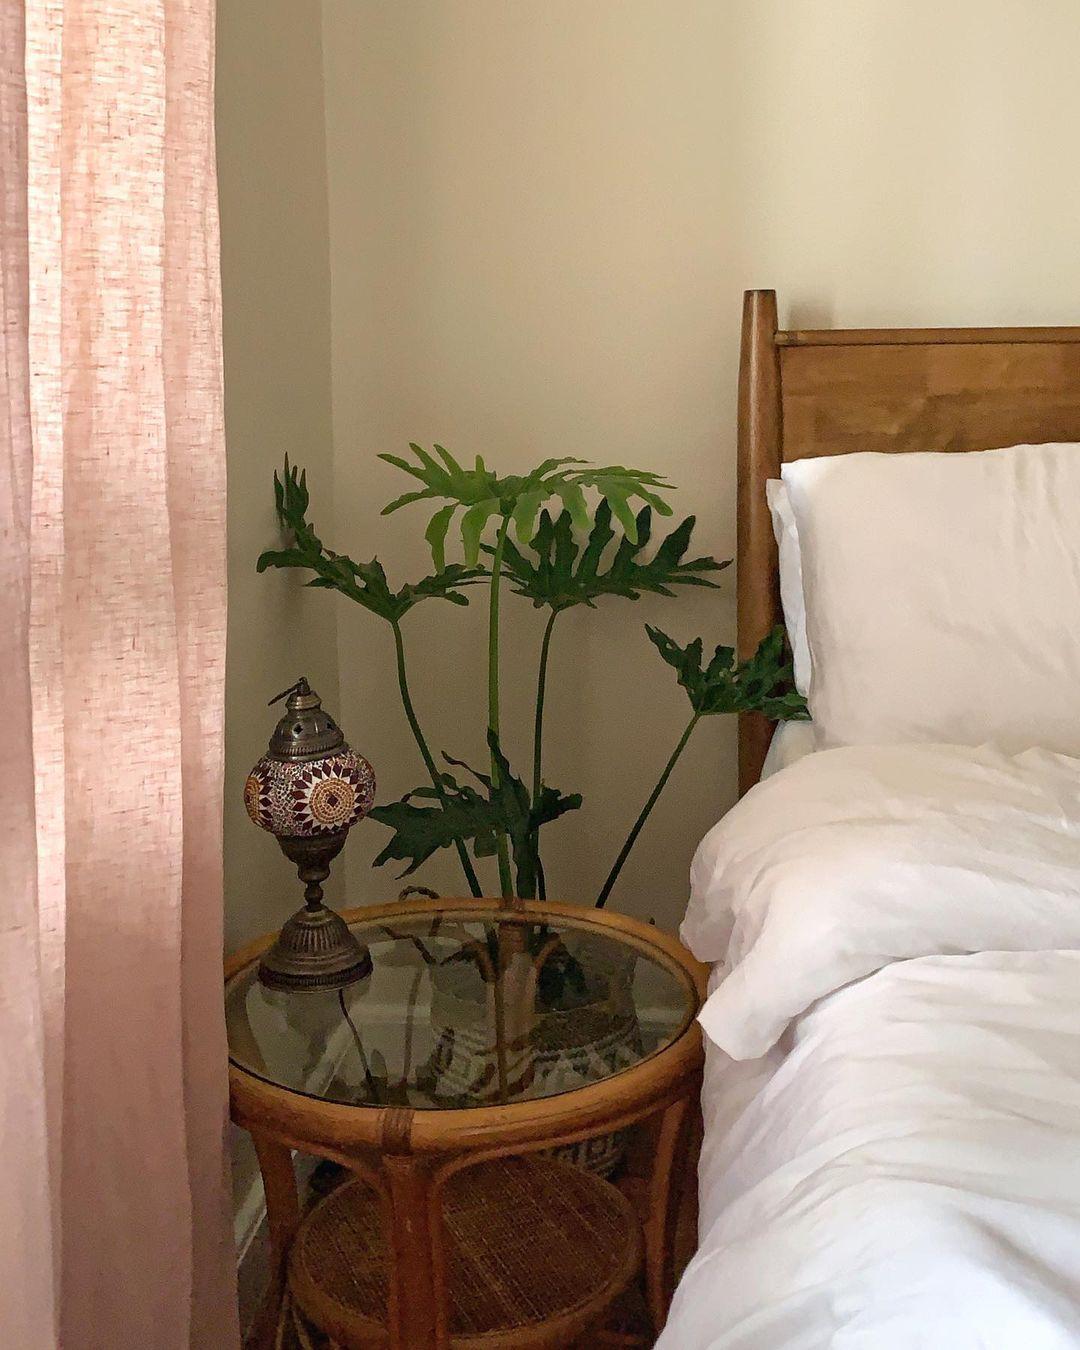 boho-inspired home makeover: plants